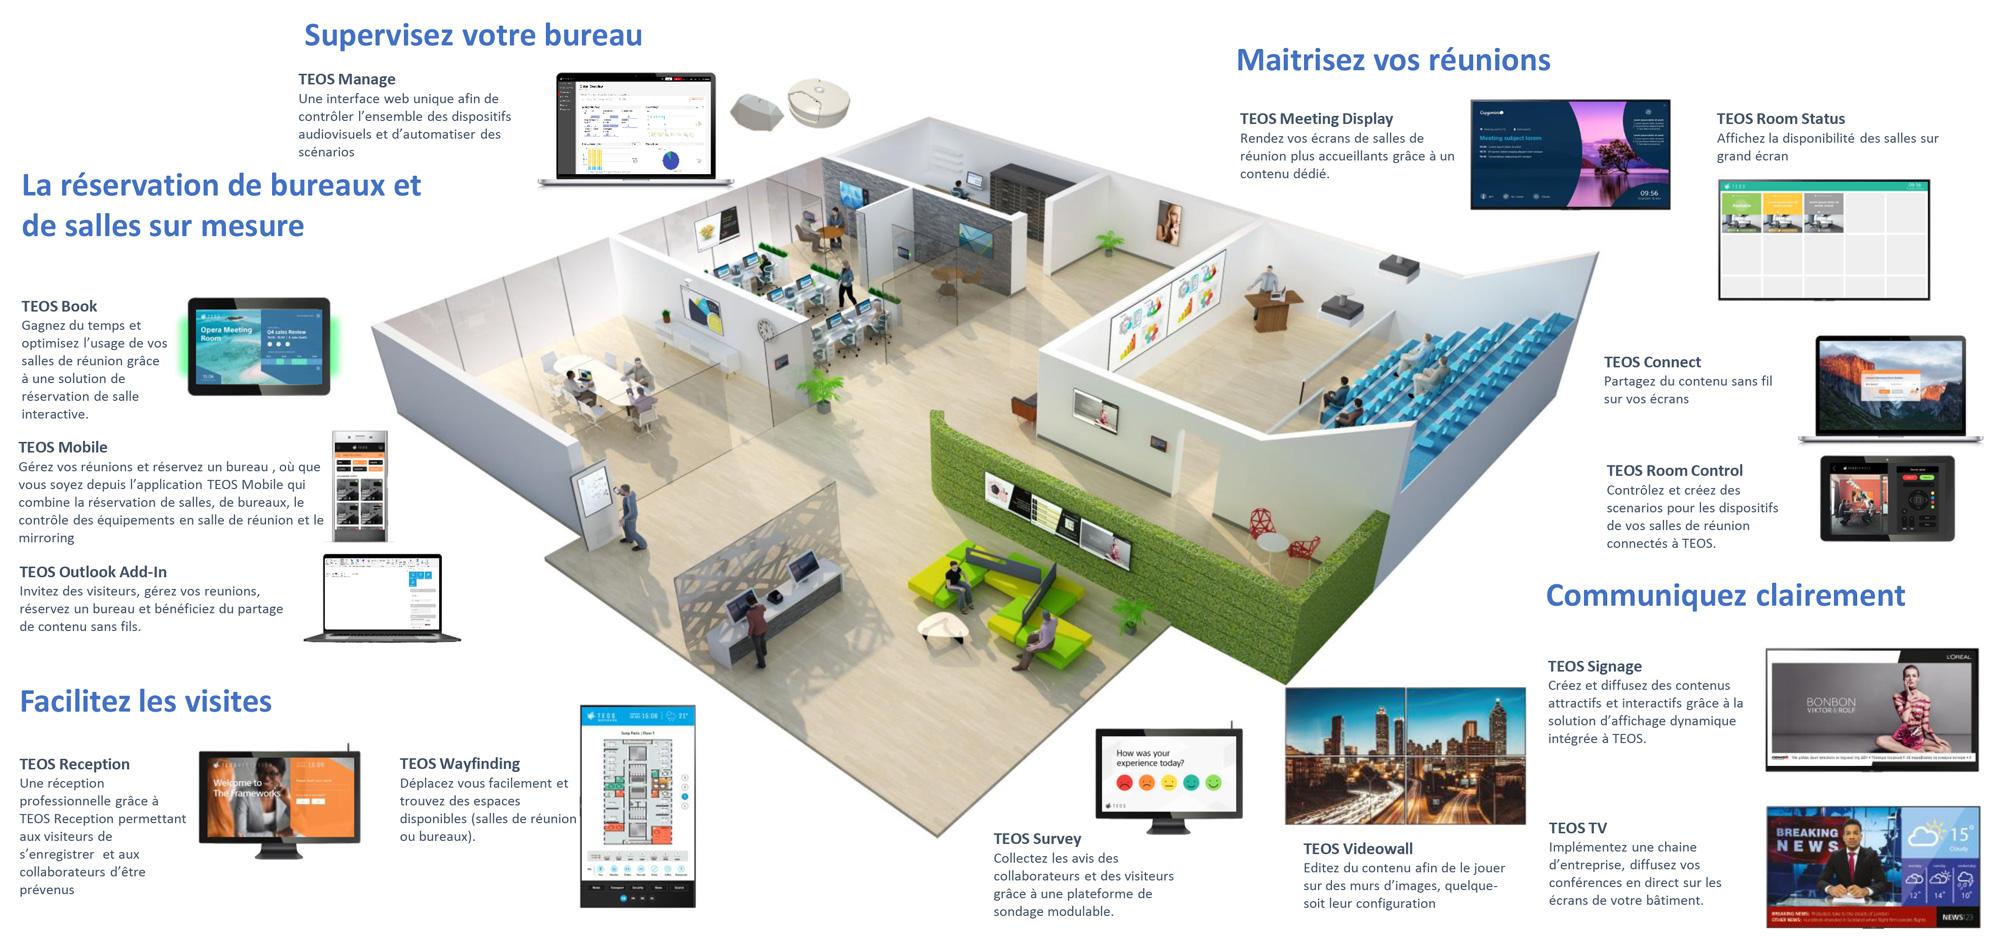 VIDELIO x Sony présentation sous forme de schéma de la gamme de solution TEOS : affichage dynamique, réception virtuelle, réservation de salle, gestion des bureaux